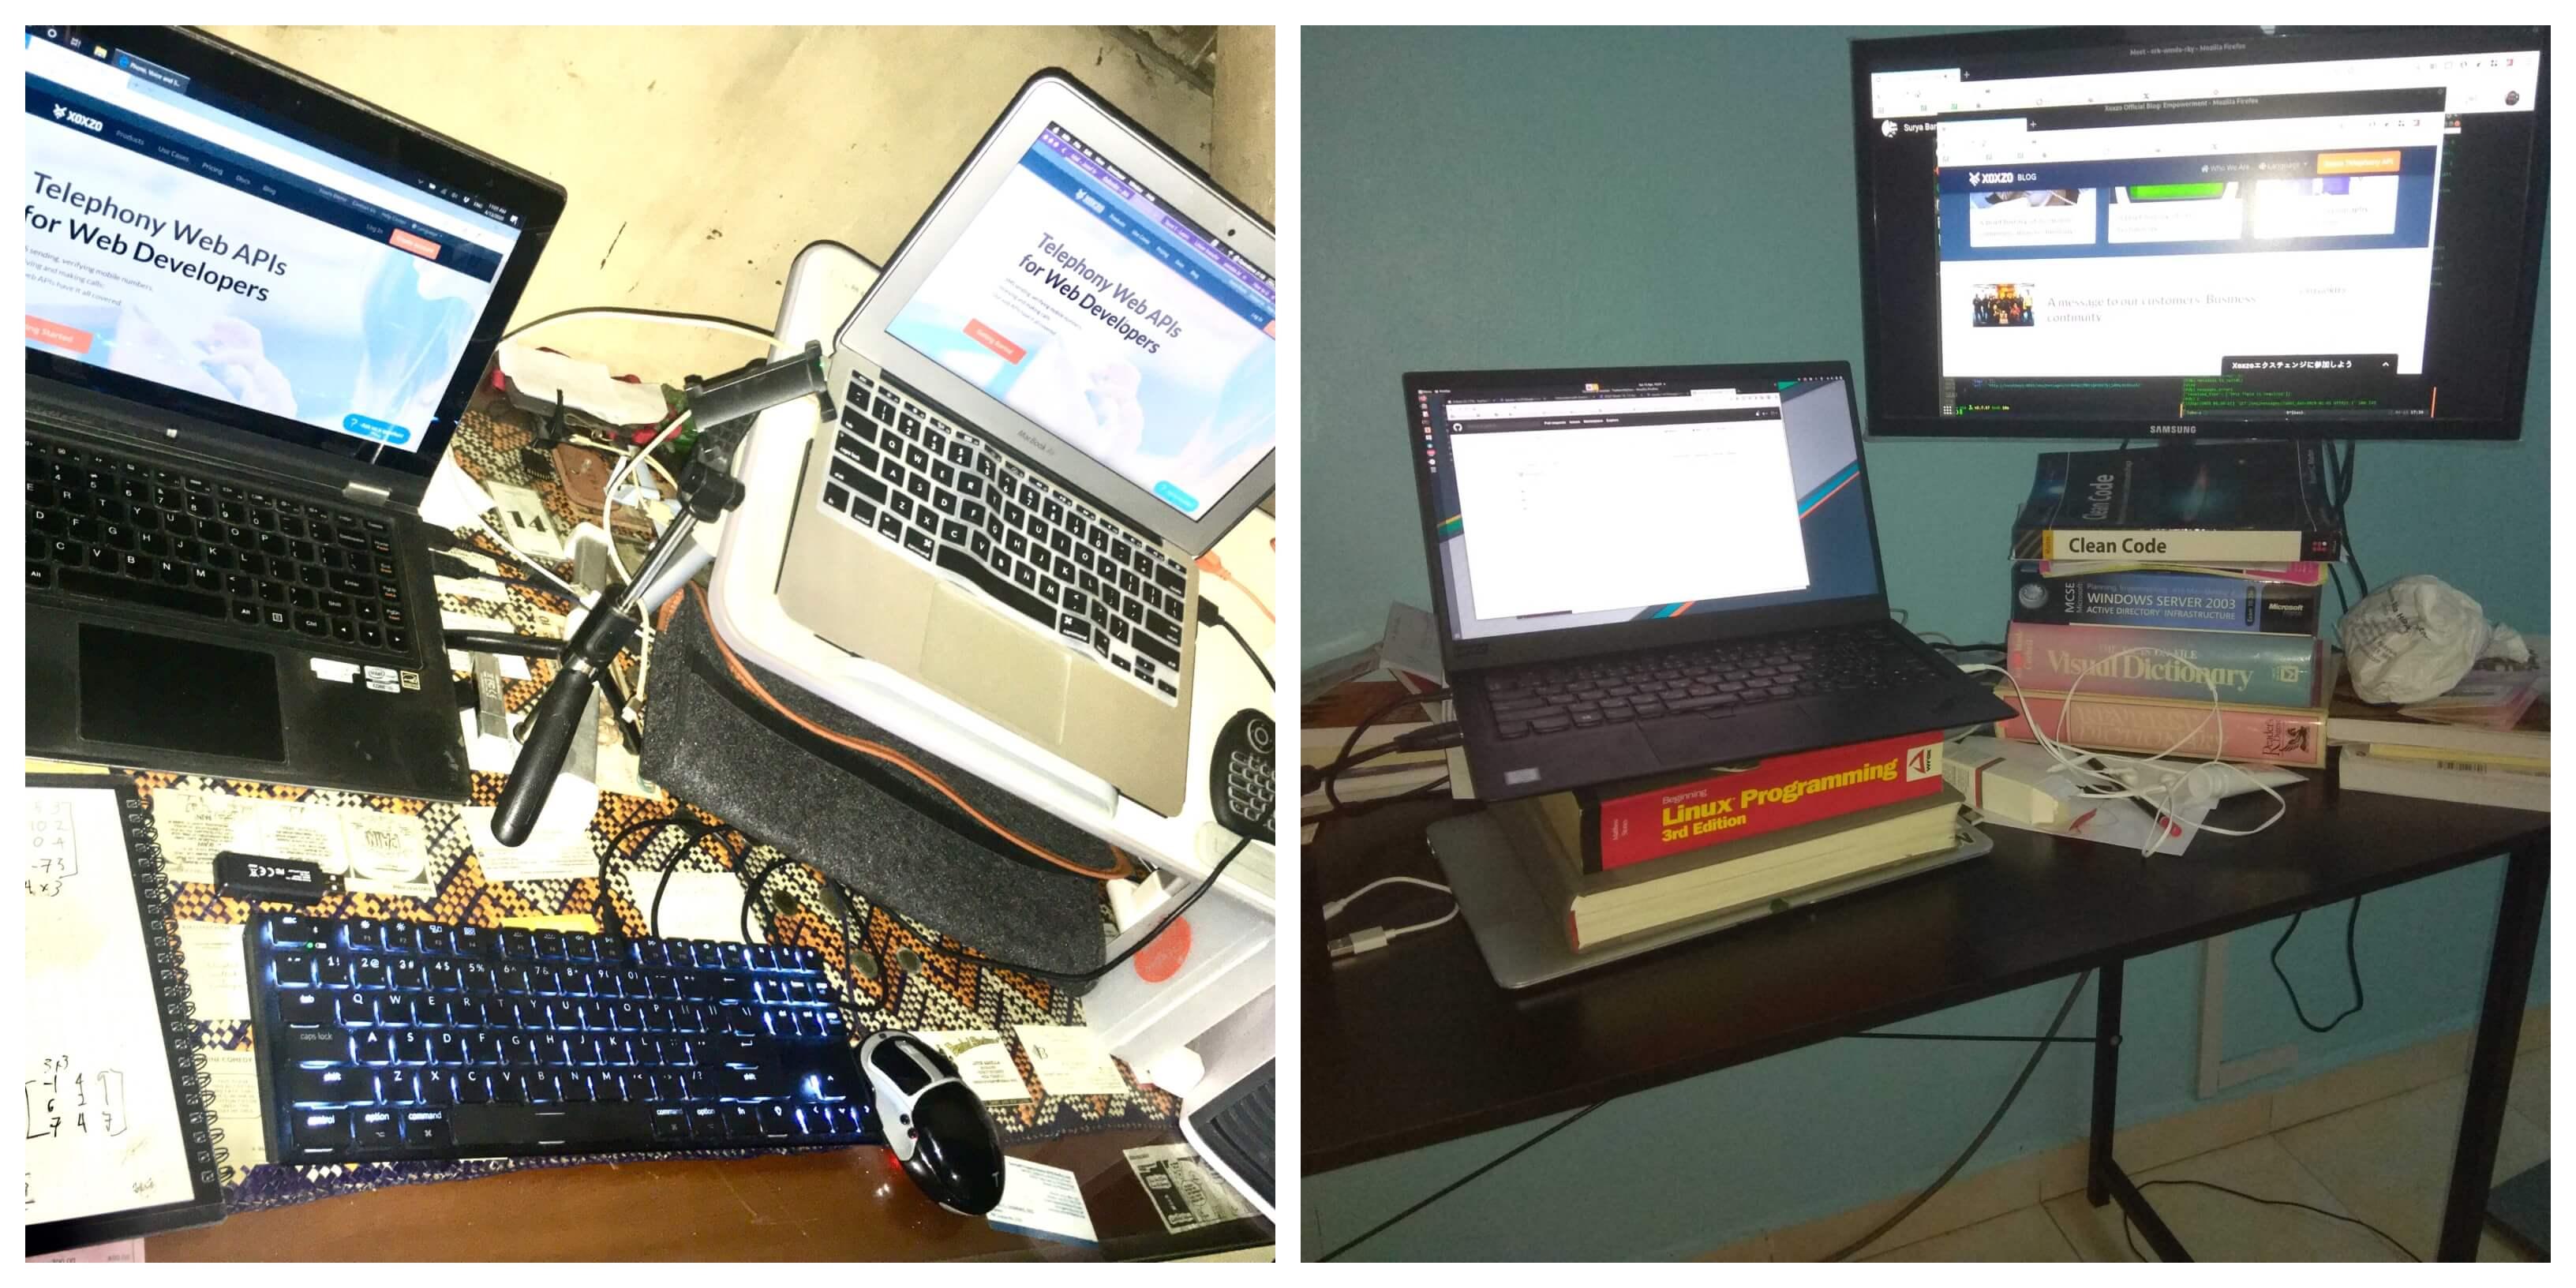 Josef and Kamal's work setup